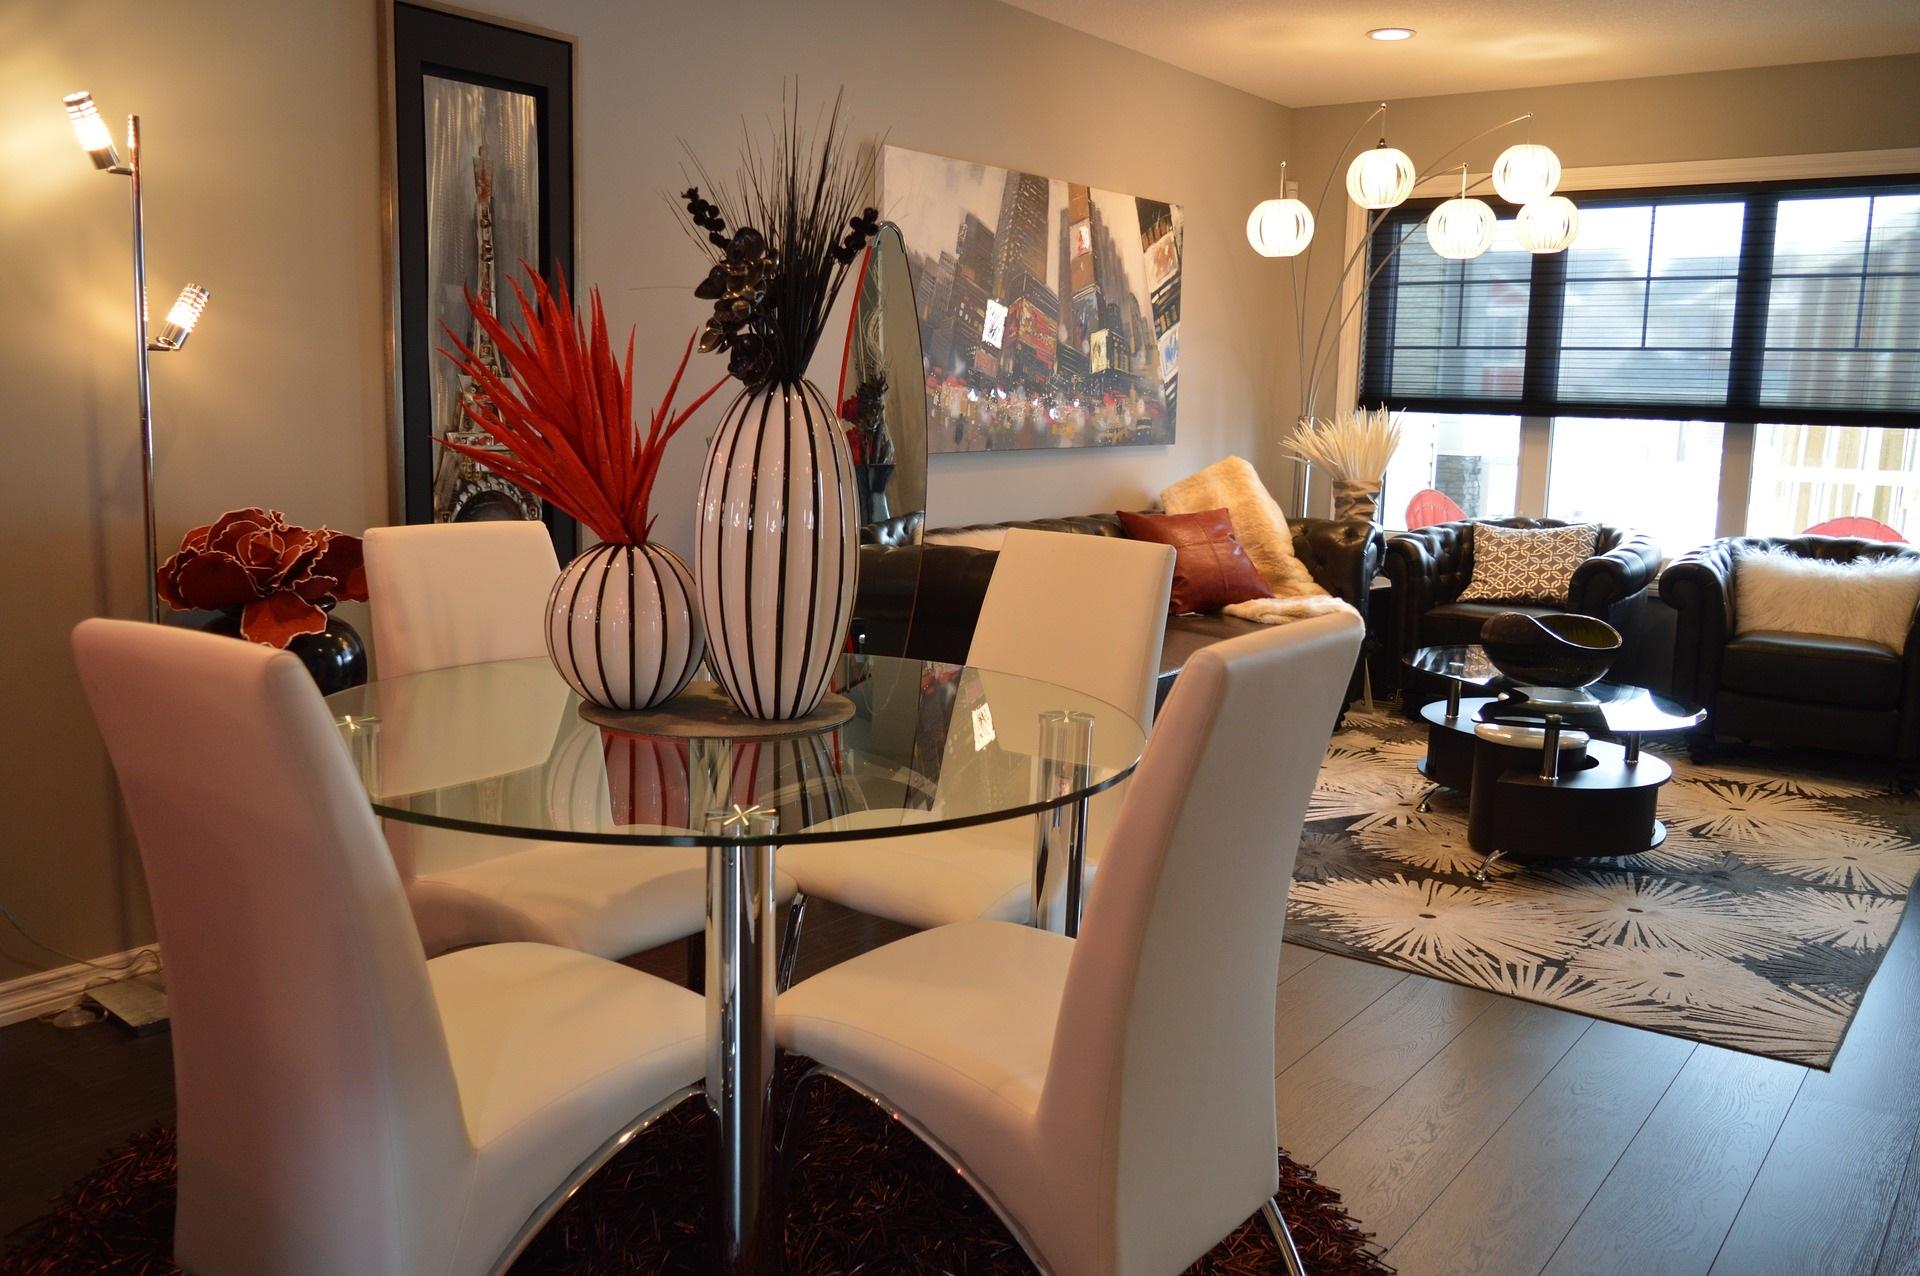 Dining room 1158266 1920